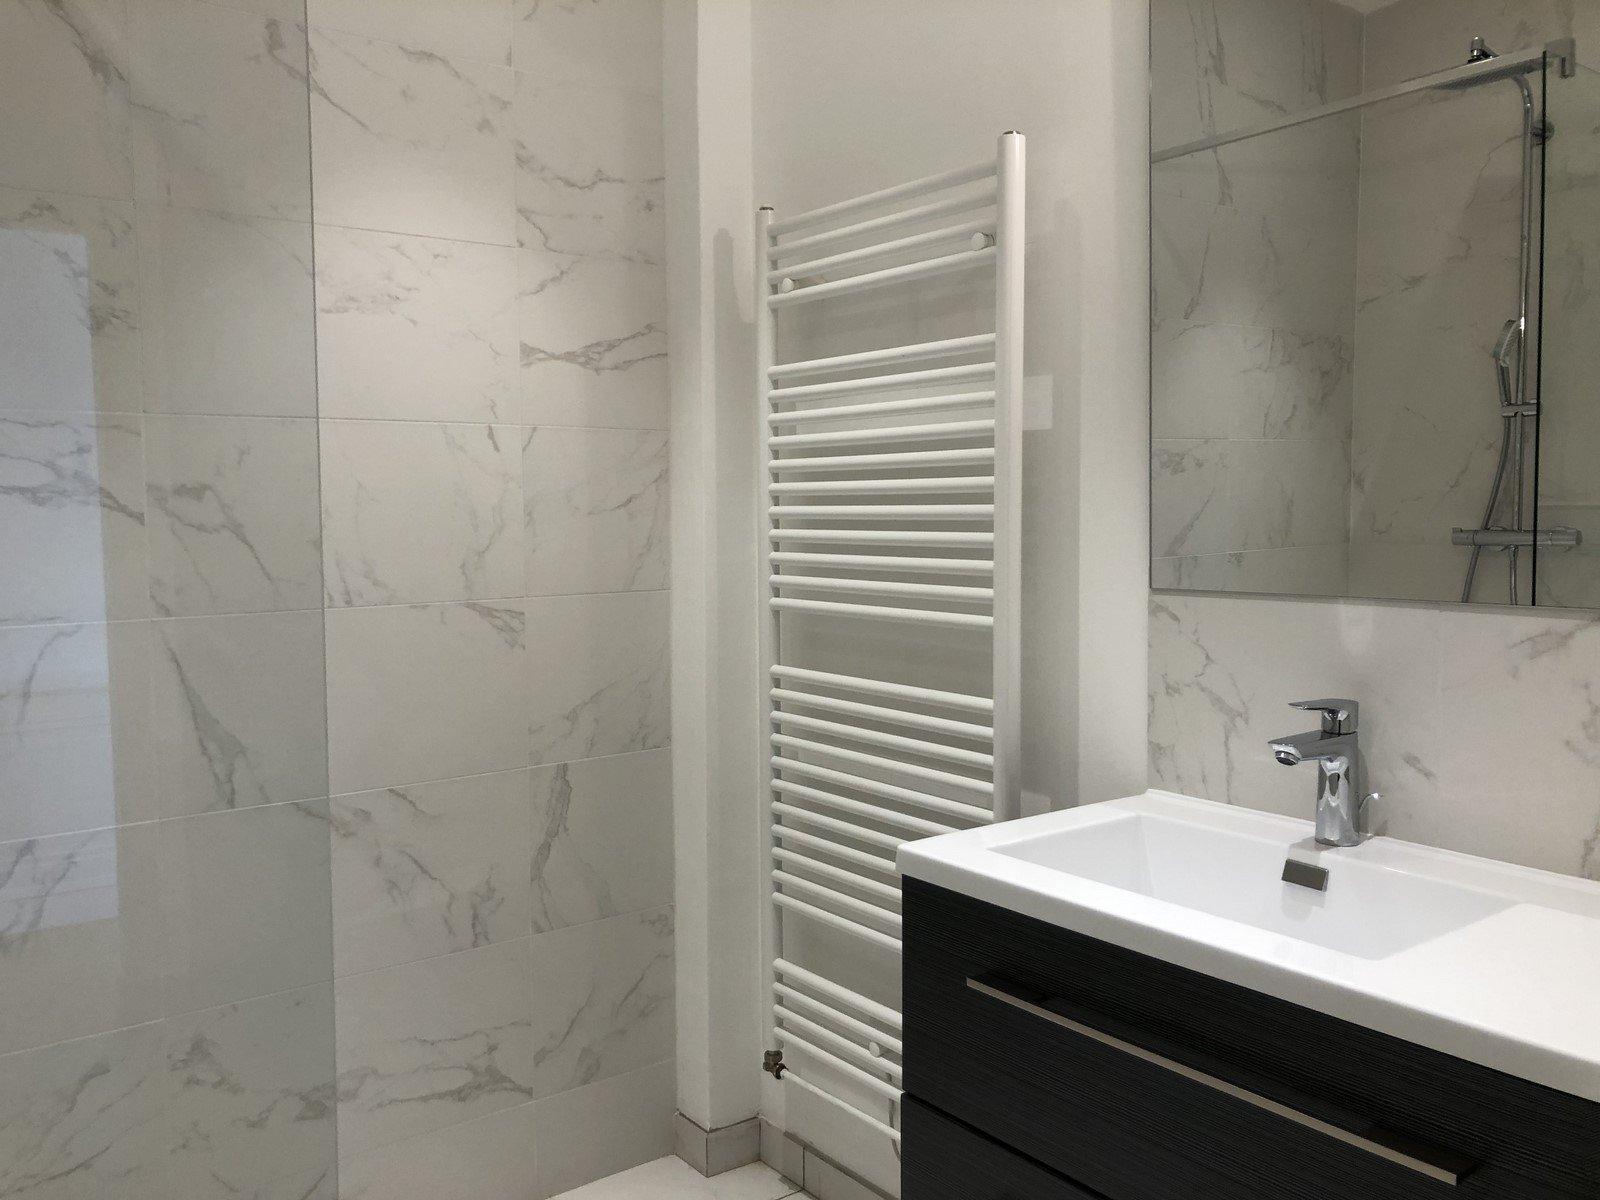 Loué par notre agence - Luxueux T5 Quai de Serbie